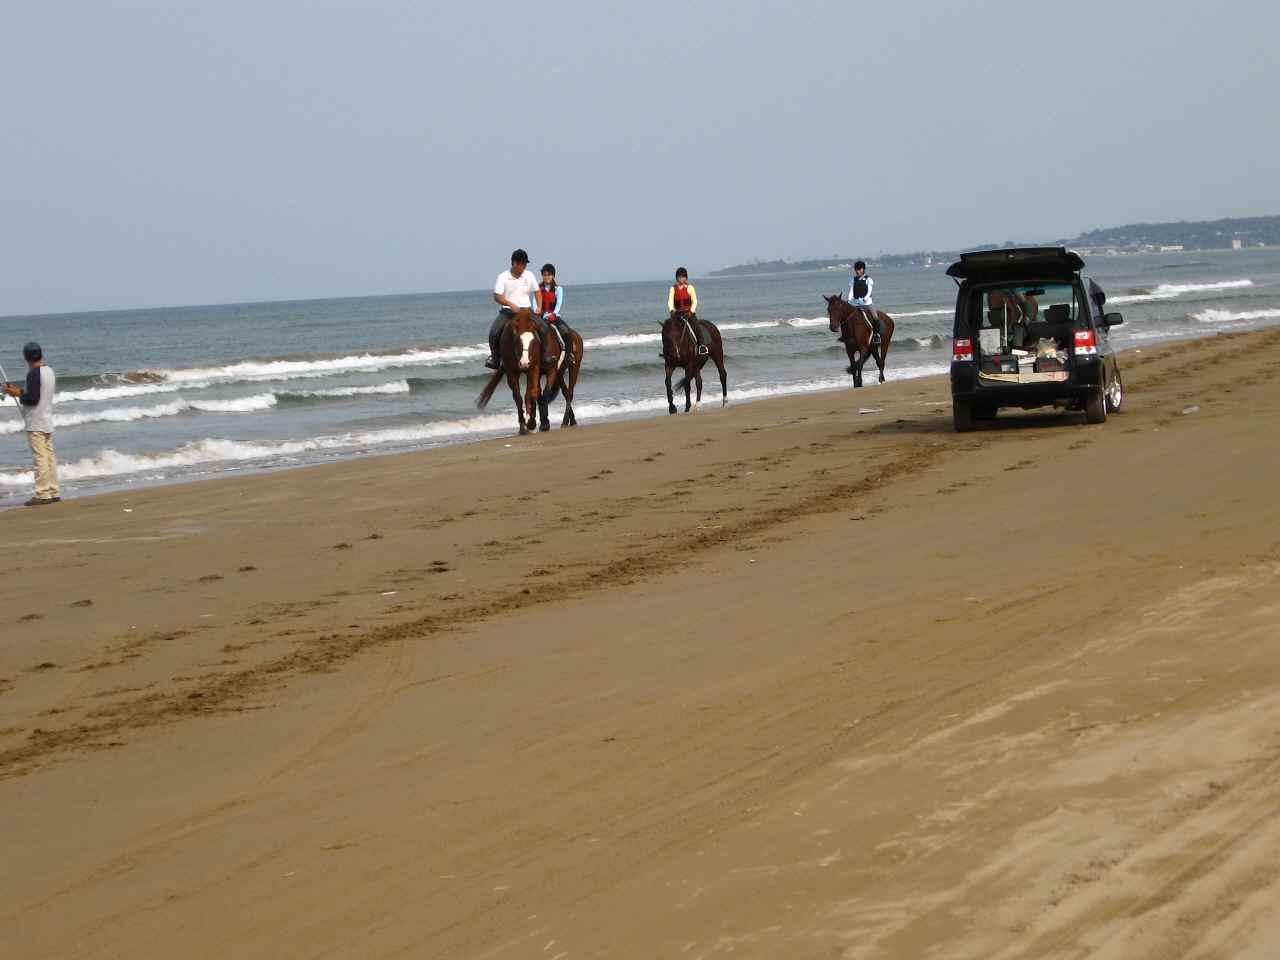 千里浜なぎさドライブウェイで乗馬